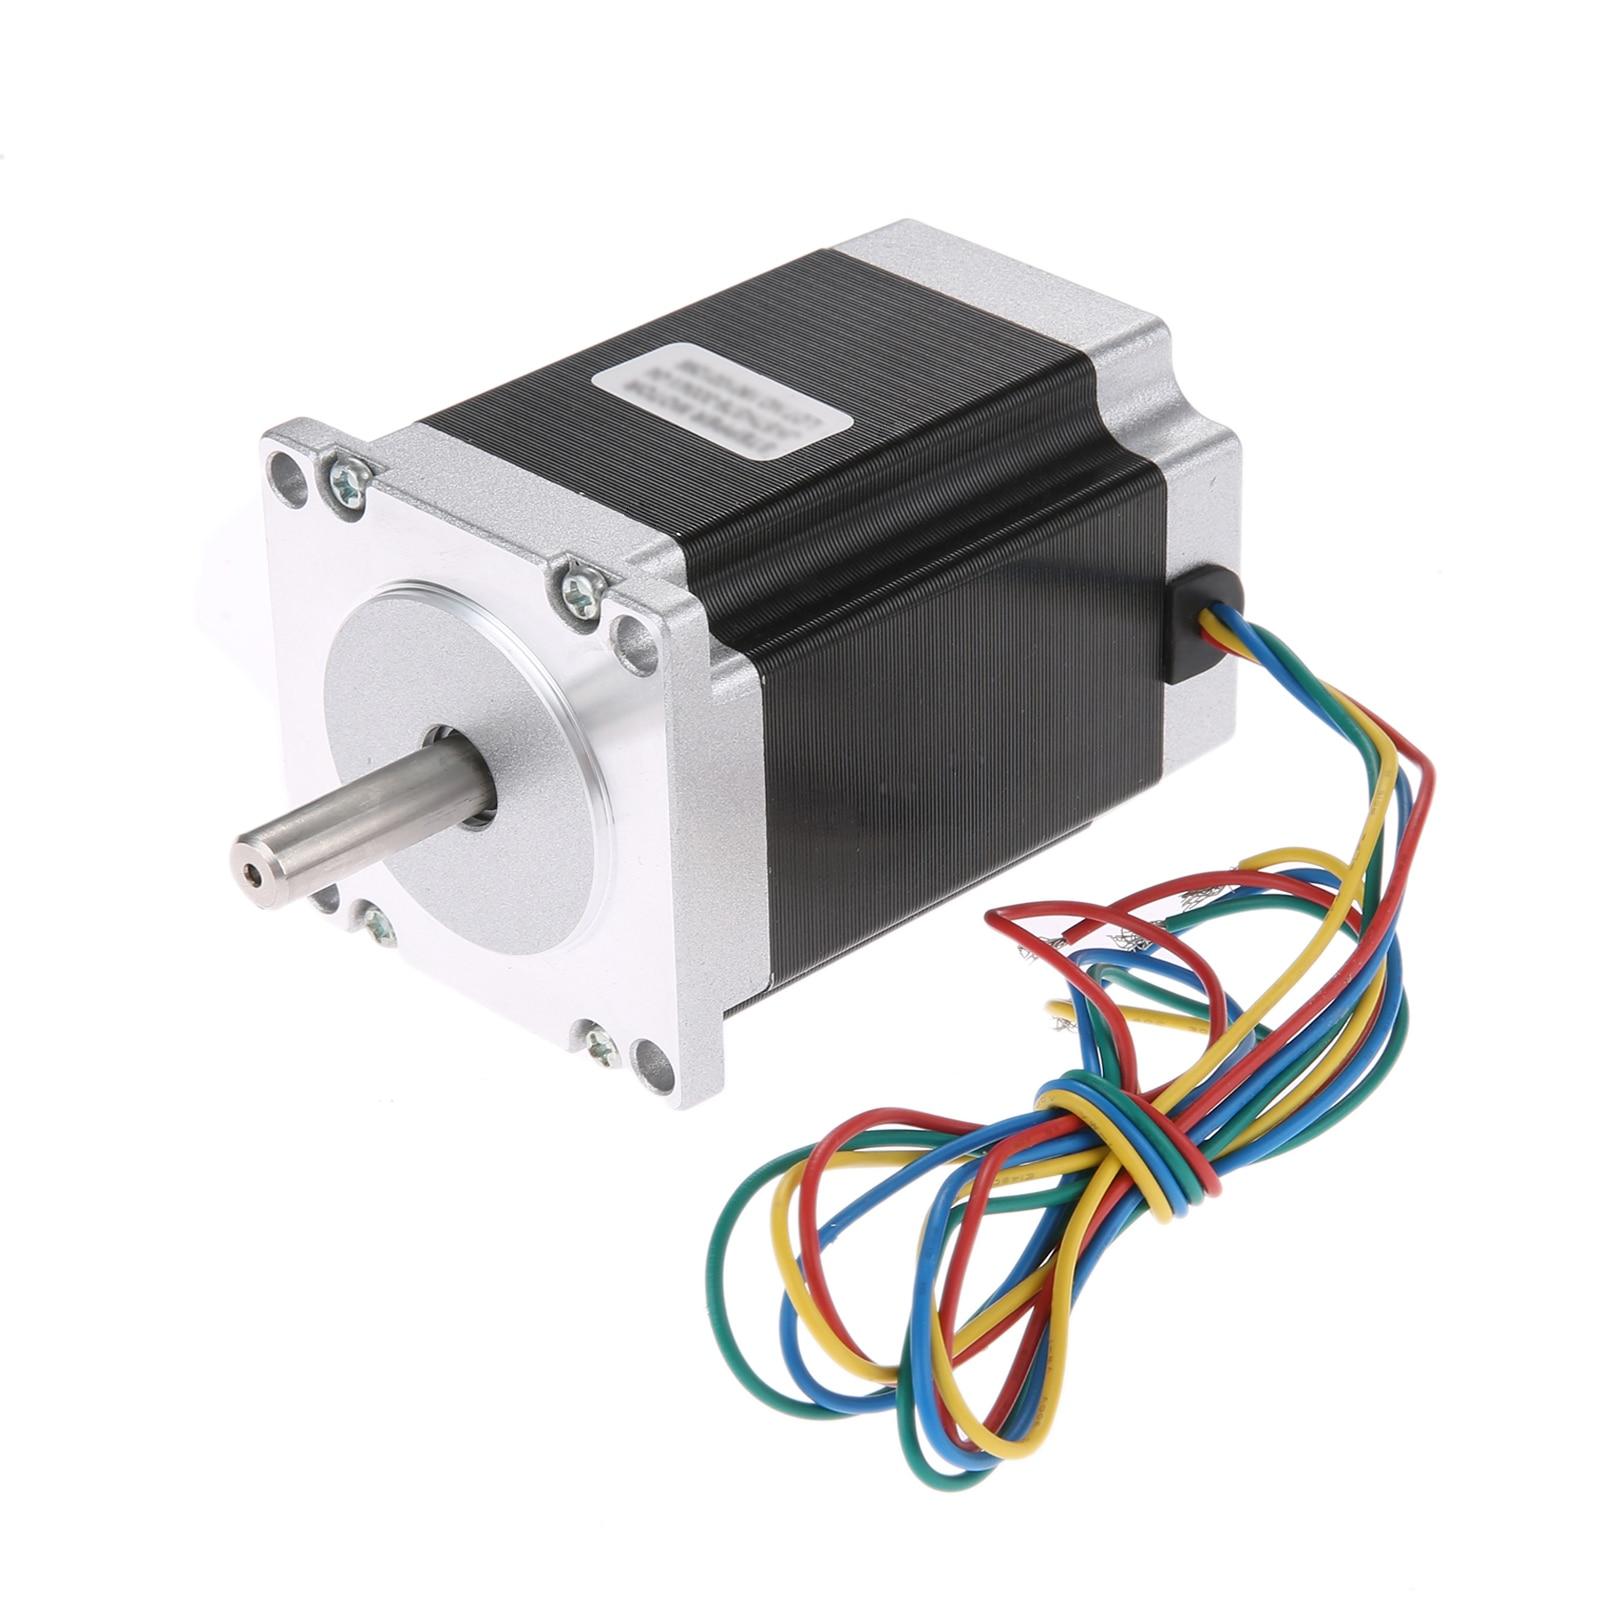 Moteur pas à pas NEMA23 57x82mm 1.8 degrés 2 phases 3A 4-lead Nema23 moteur pas à pas pour imprimante 3D/Machine de gravure de routeur de CNC 2.2N.m